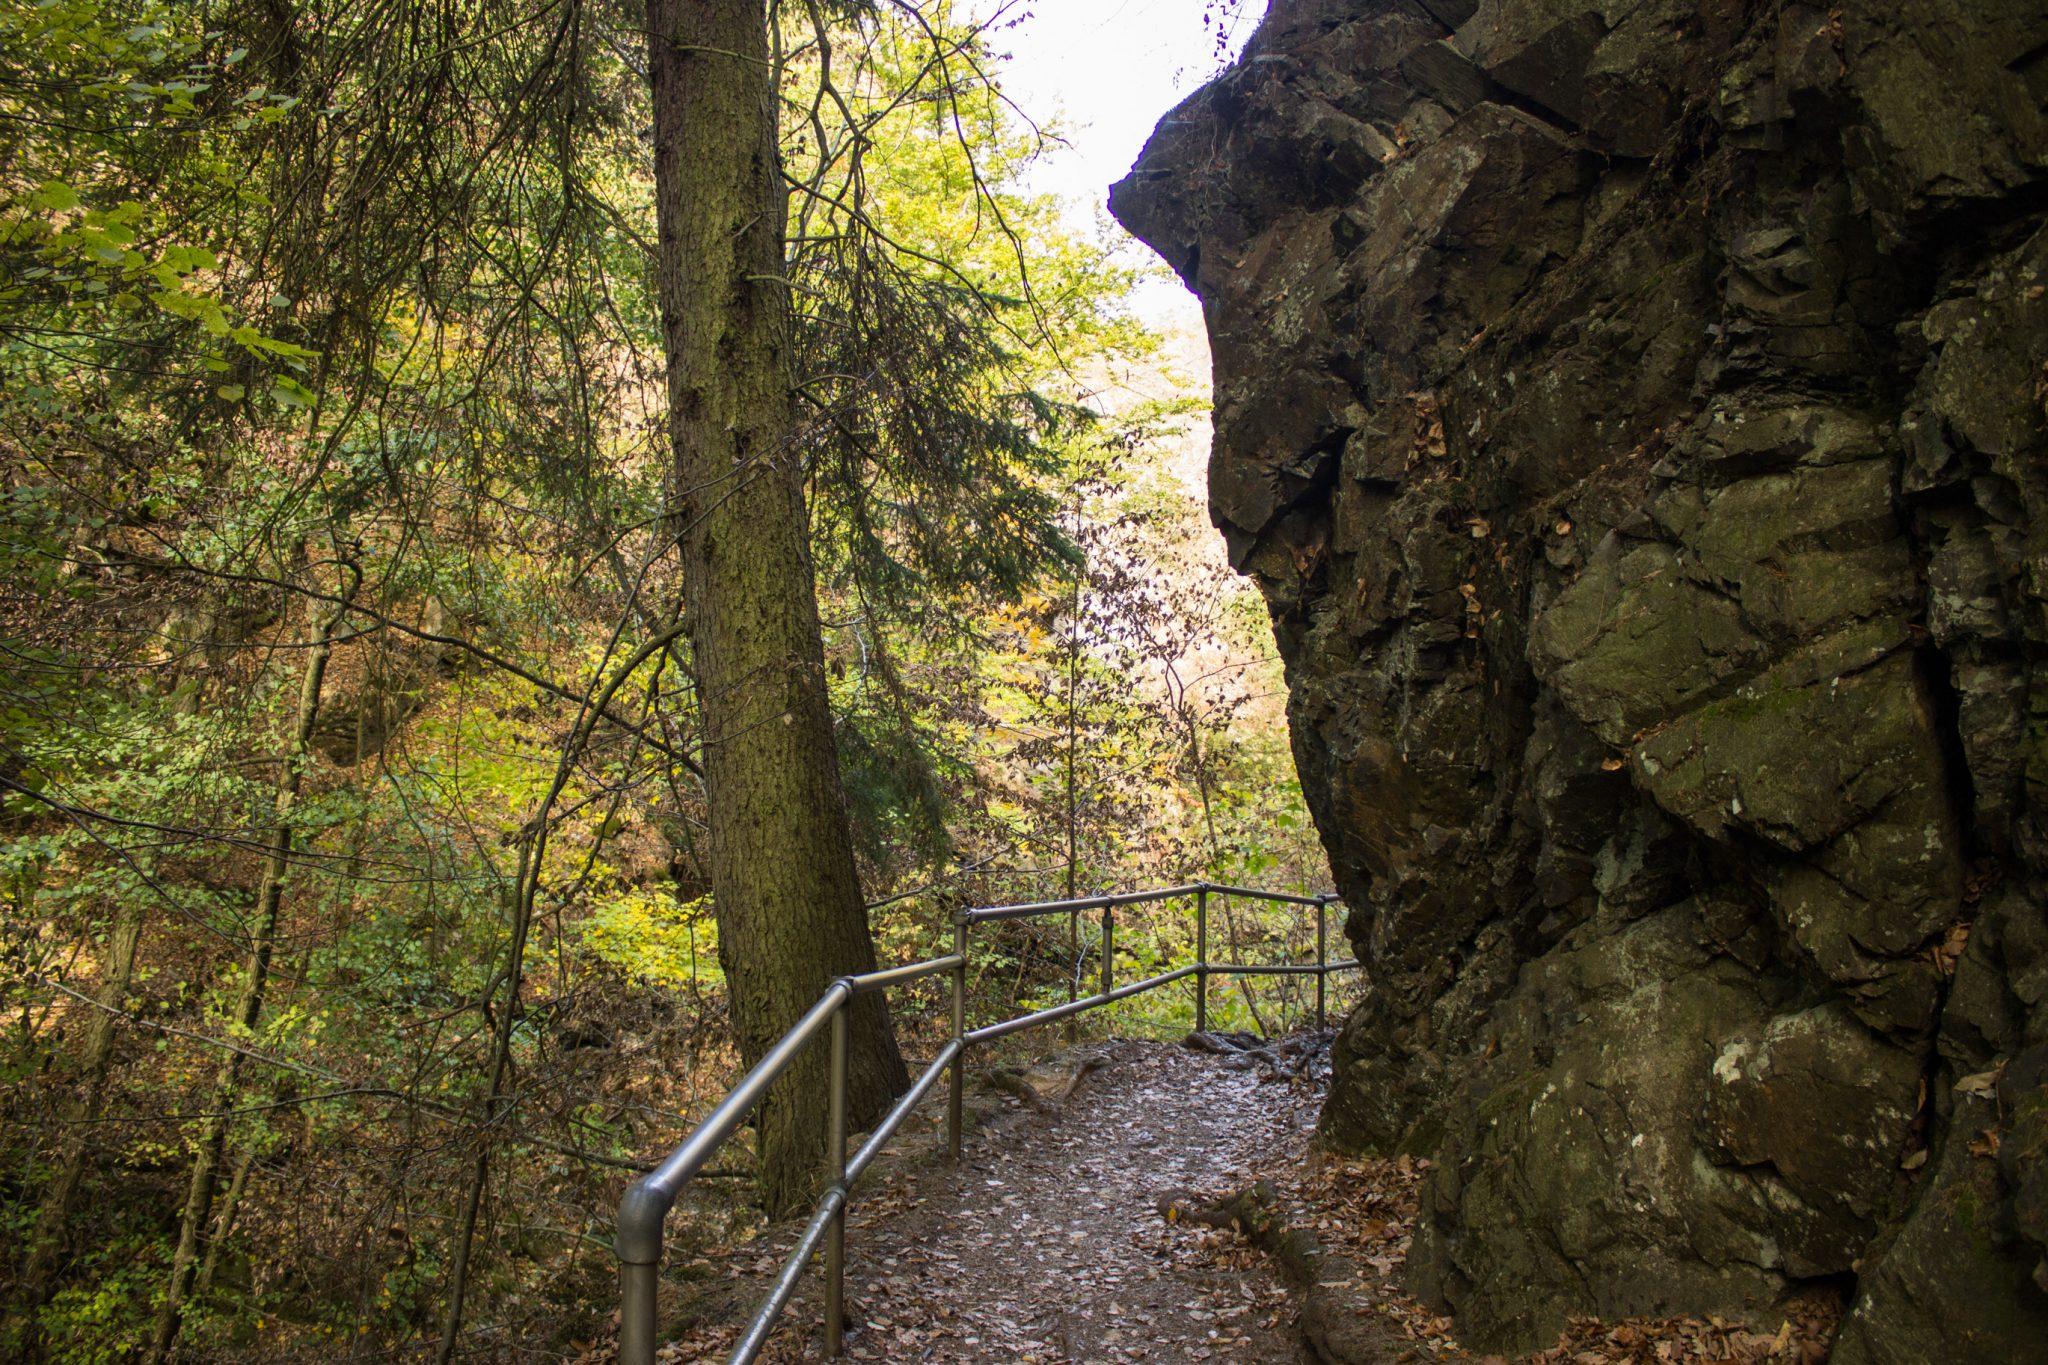 Rundwanderung Thale nach Treseburg - über Hexentanzplatz, Bodetal und Roßtrappe, Wanderweg im Bodetal, durch Metallgitter abgesichert, großer Felsen neben Wanderpfad, überall schöner dichter Wald